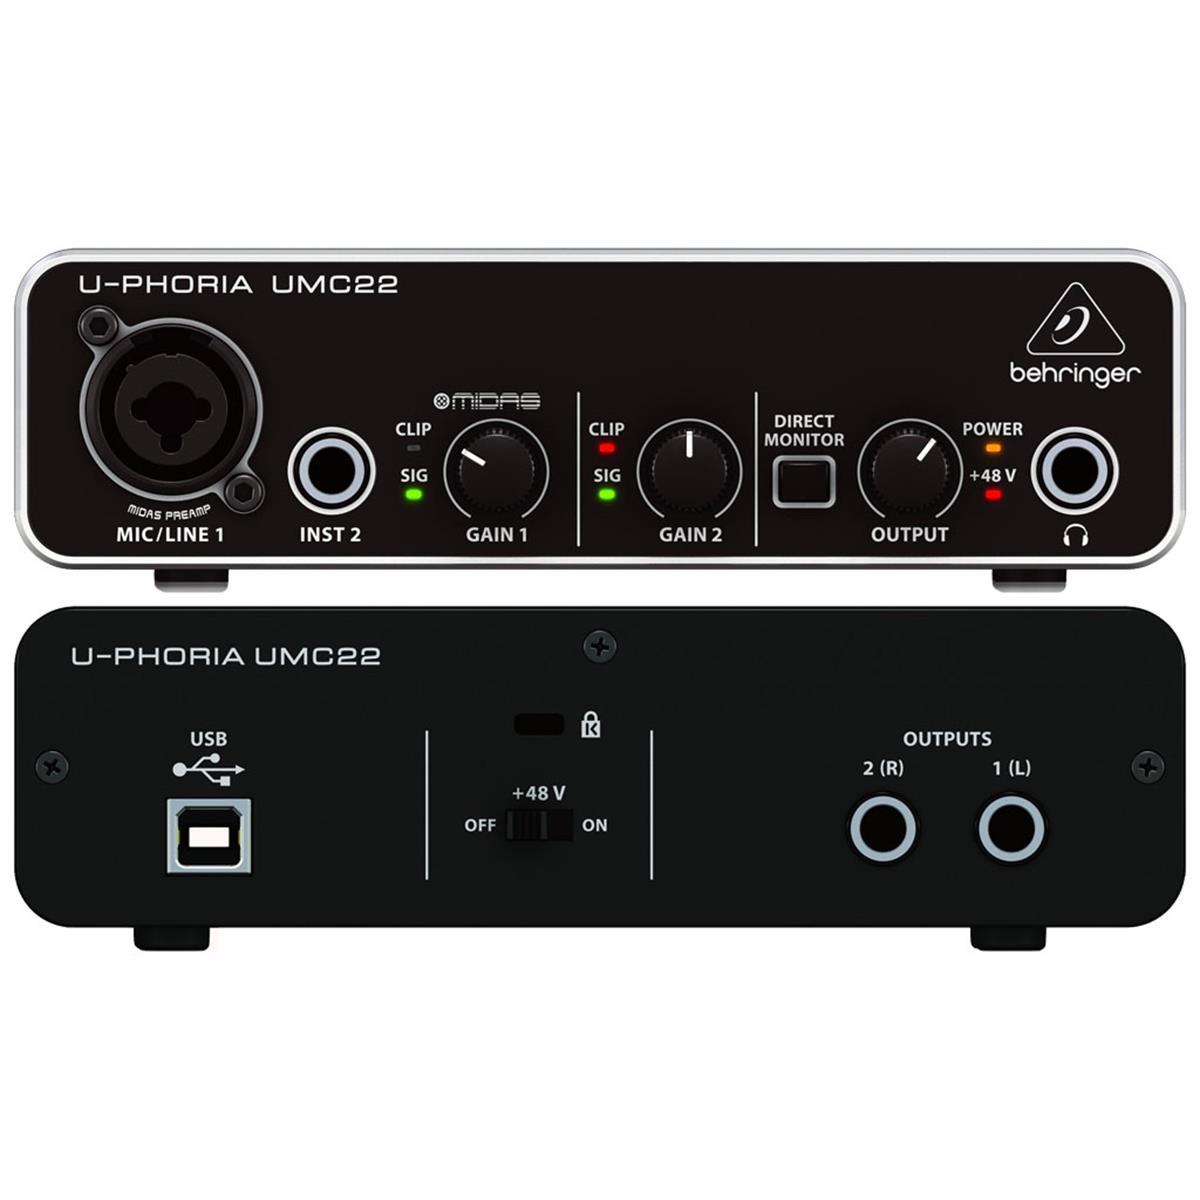 BEHRINGER UPHORIA UMC22 USB